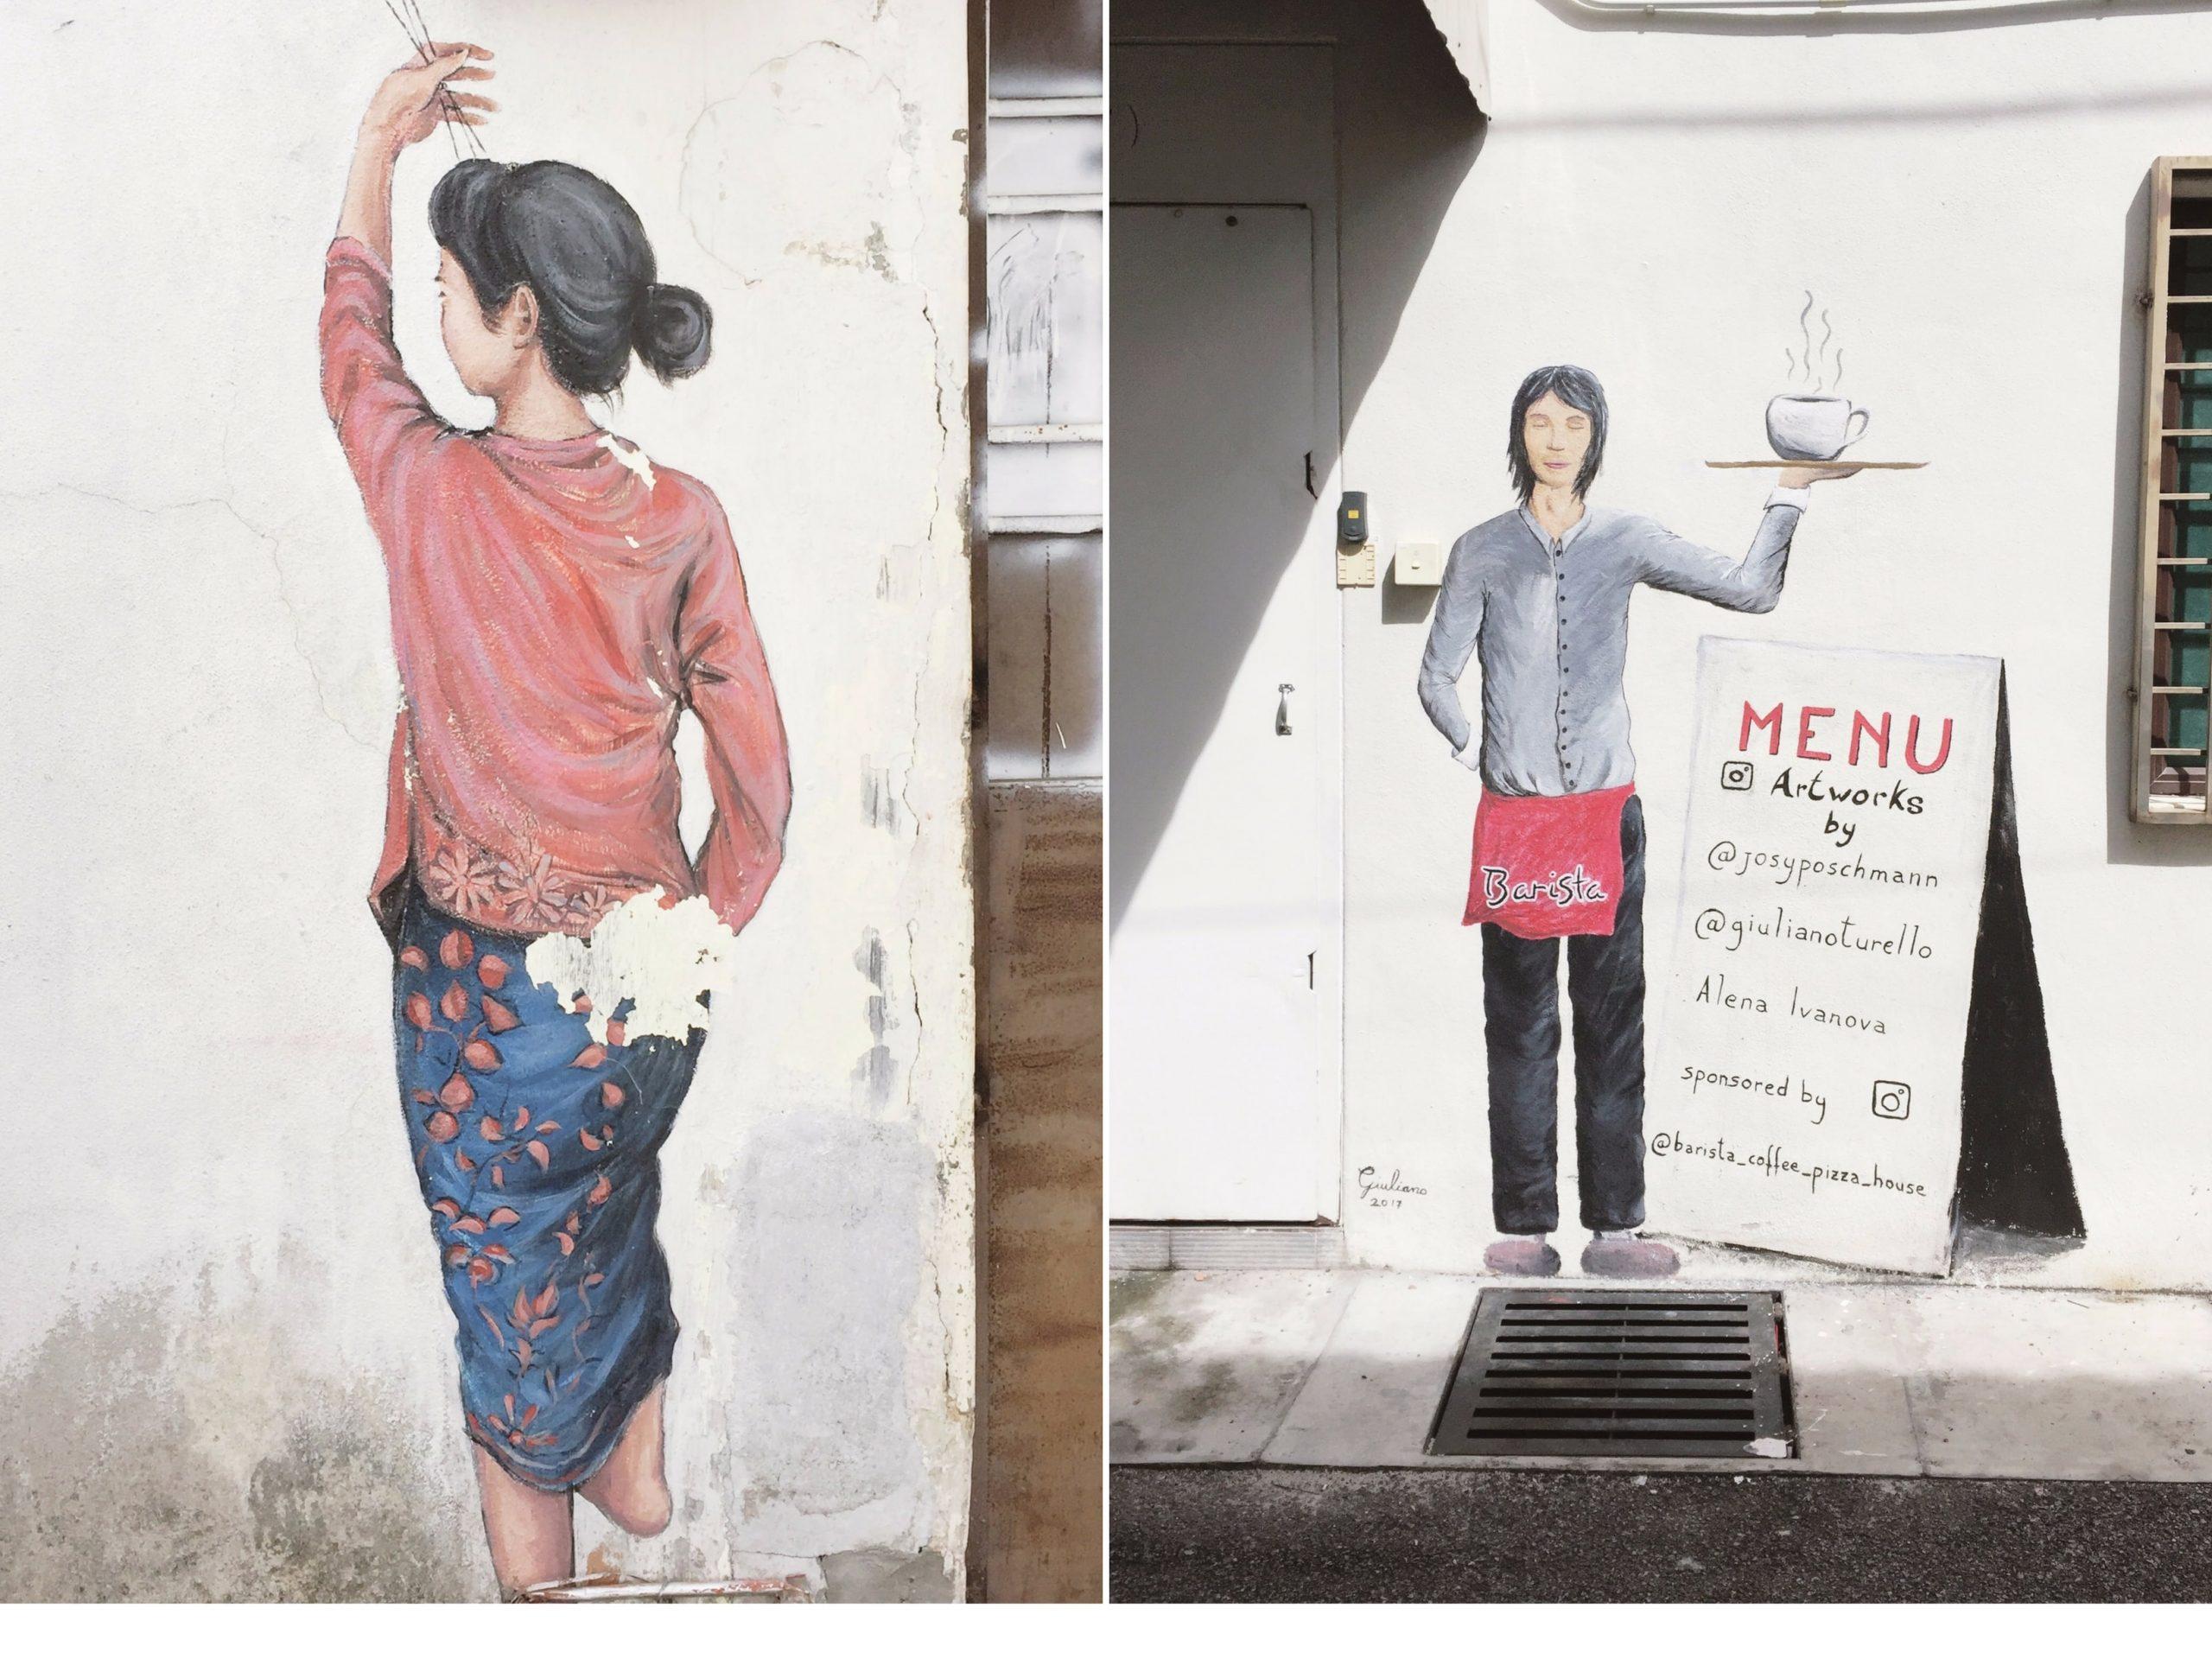 georgetown-streetart-murals11-coffeehan.JPG